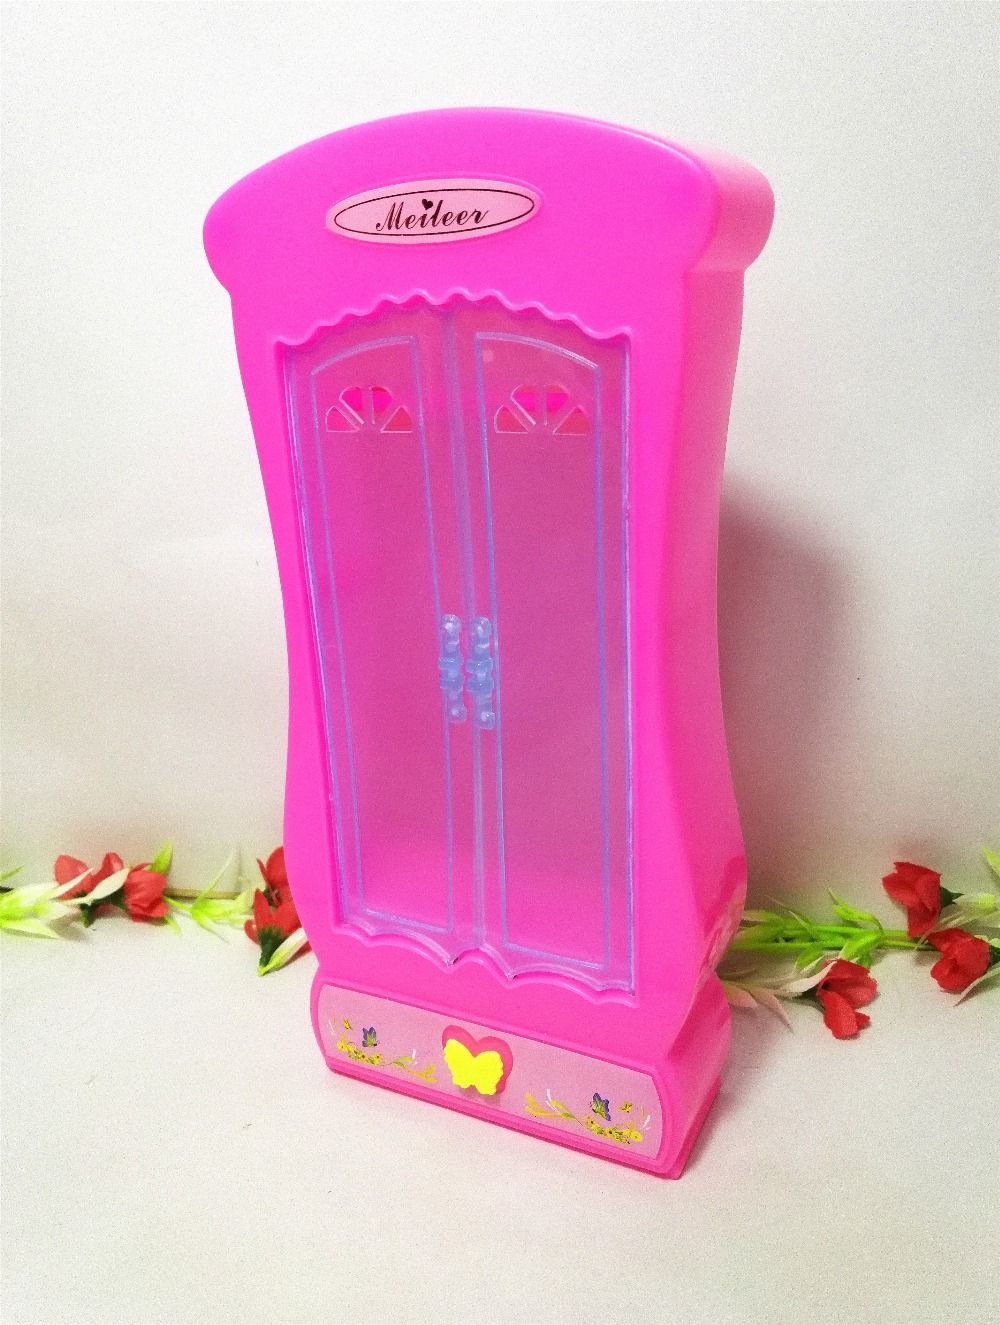 acquista all'ingrosso online plastica armadio guardaroba da ... - Camera Da Letto Di Barbie